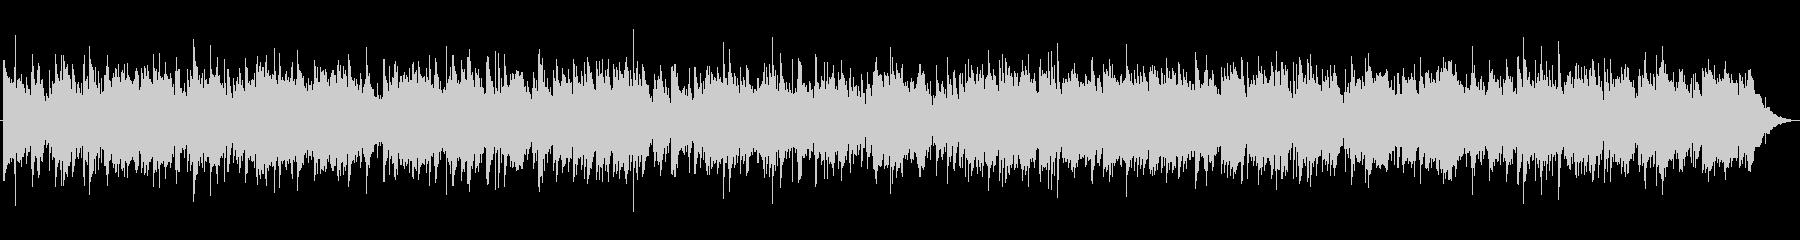 3拍子のオリエンタルバラードの未再生の波形